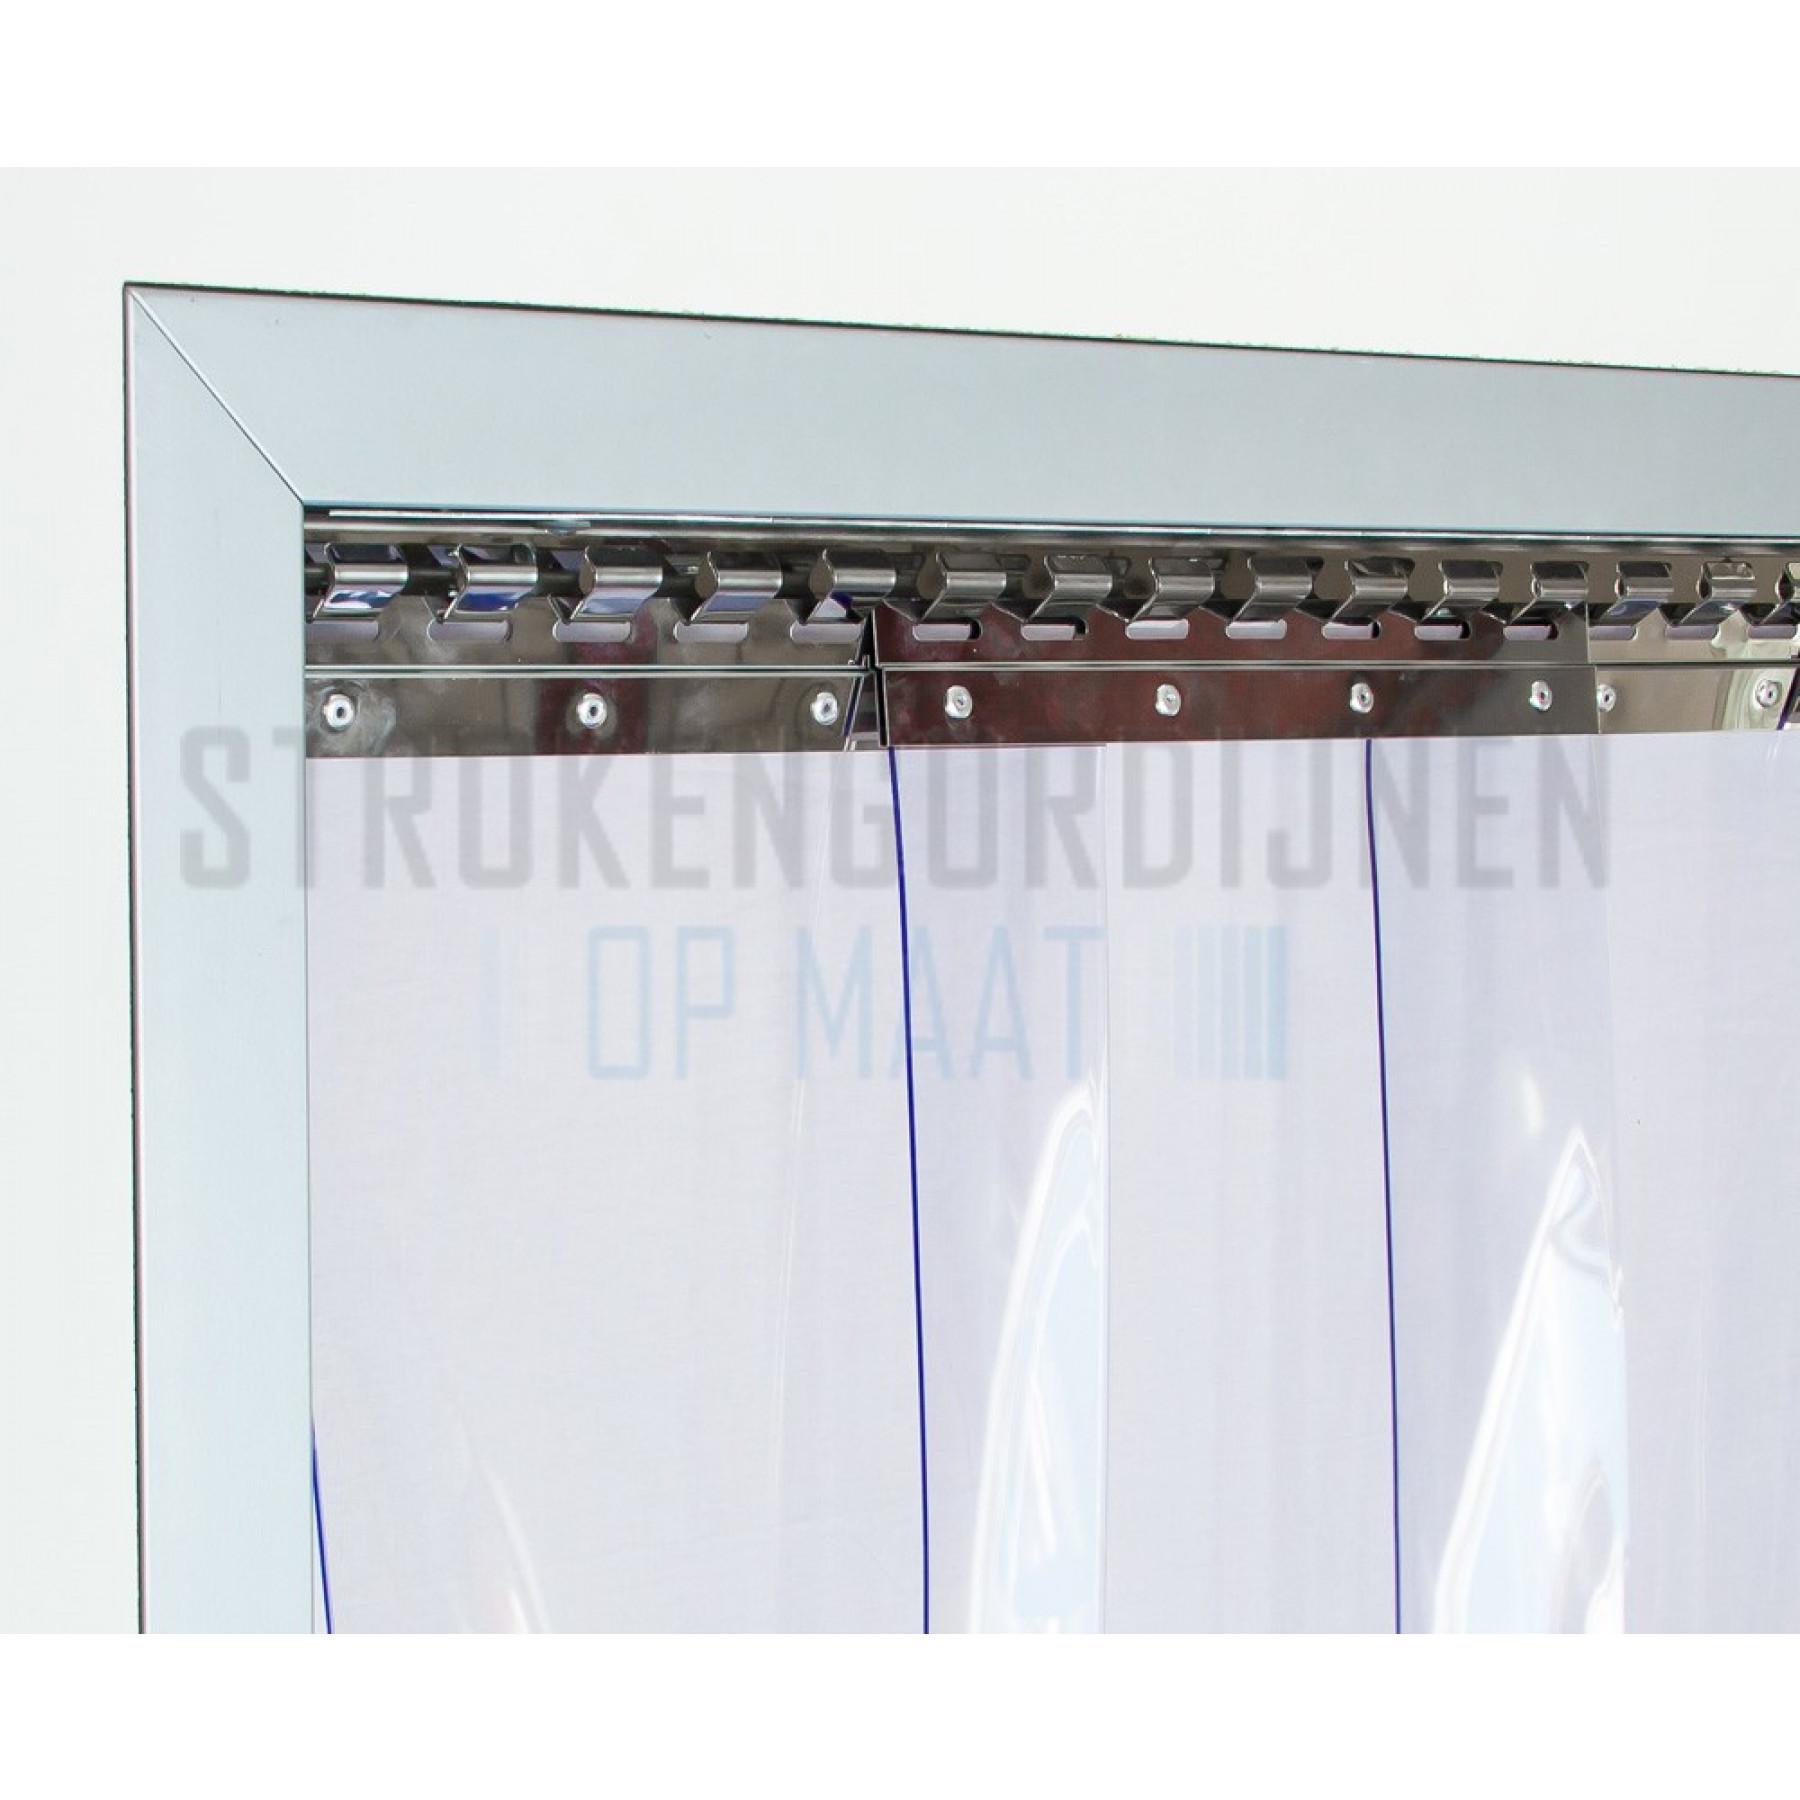 Aufhängesystem, Rostfrei-Stahl, 984 mm lang